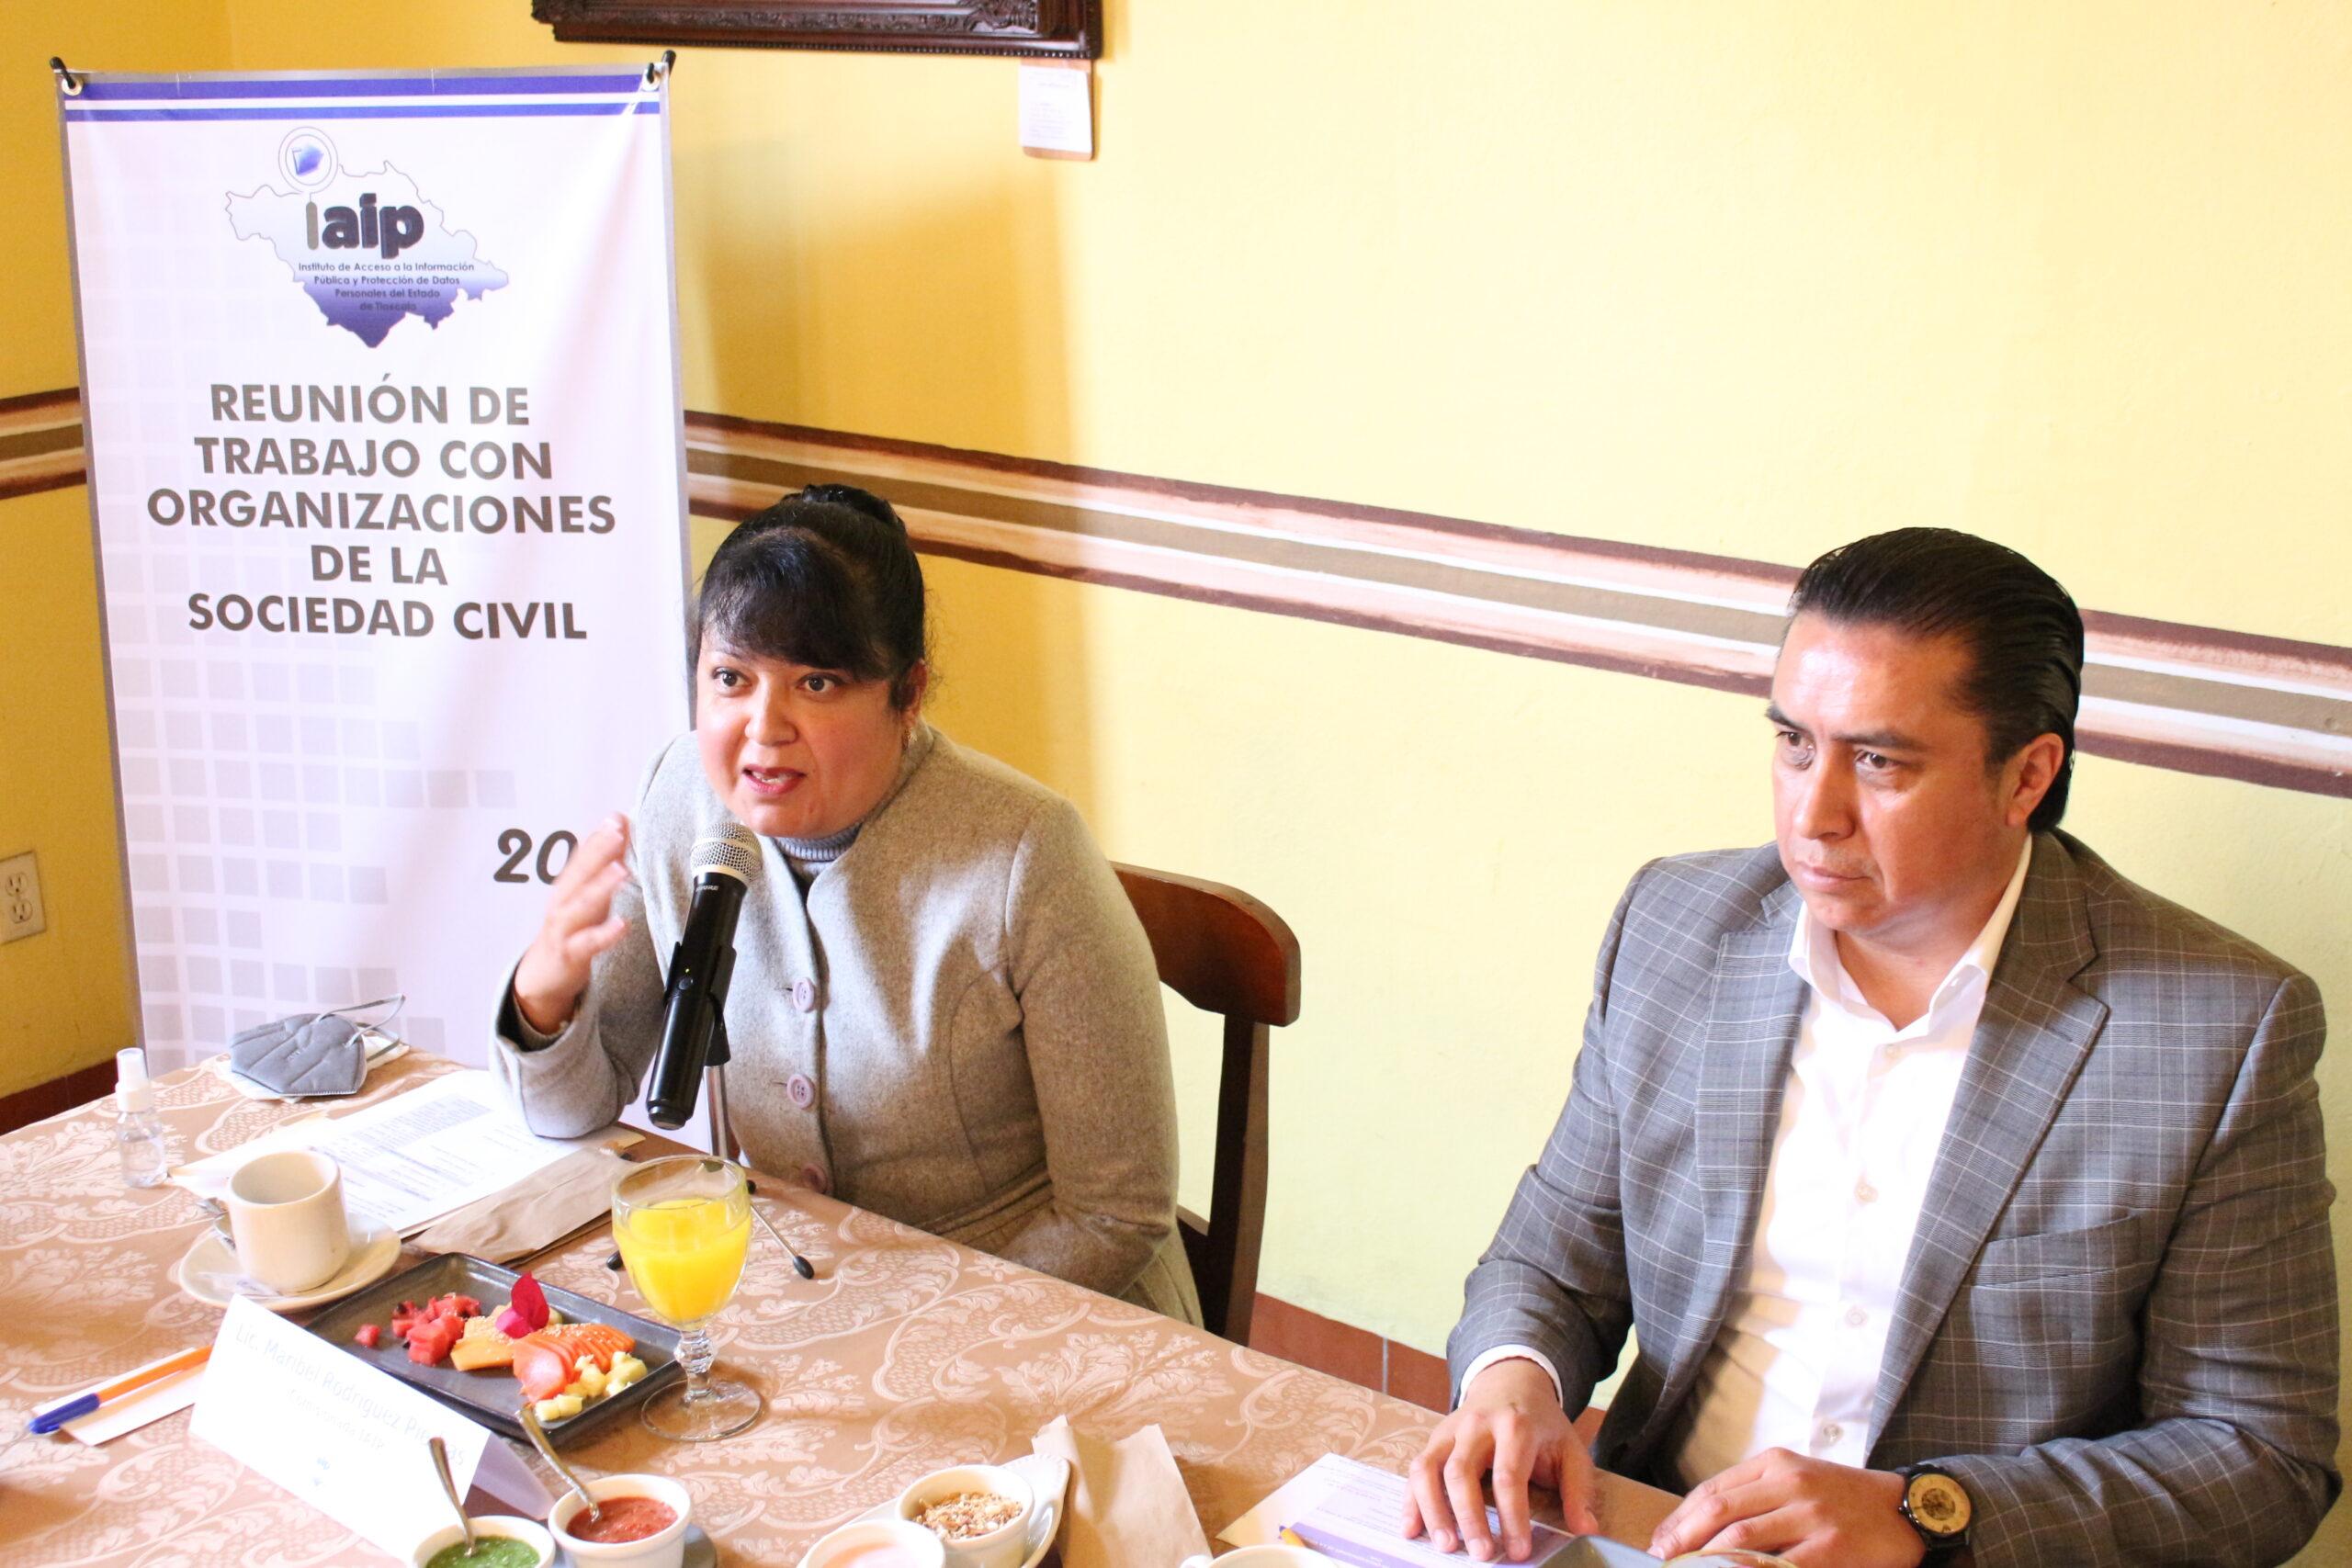 DAI aporta beneficios al bienestar y desarrollo de mujeres: Maribel Rodríguez